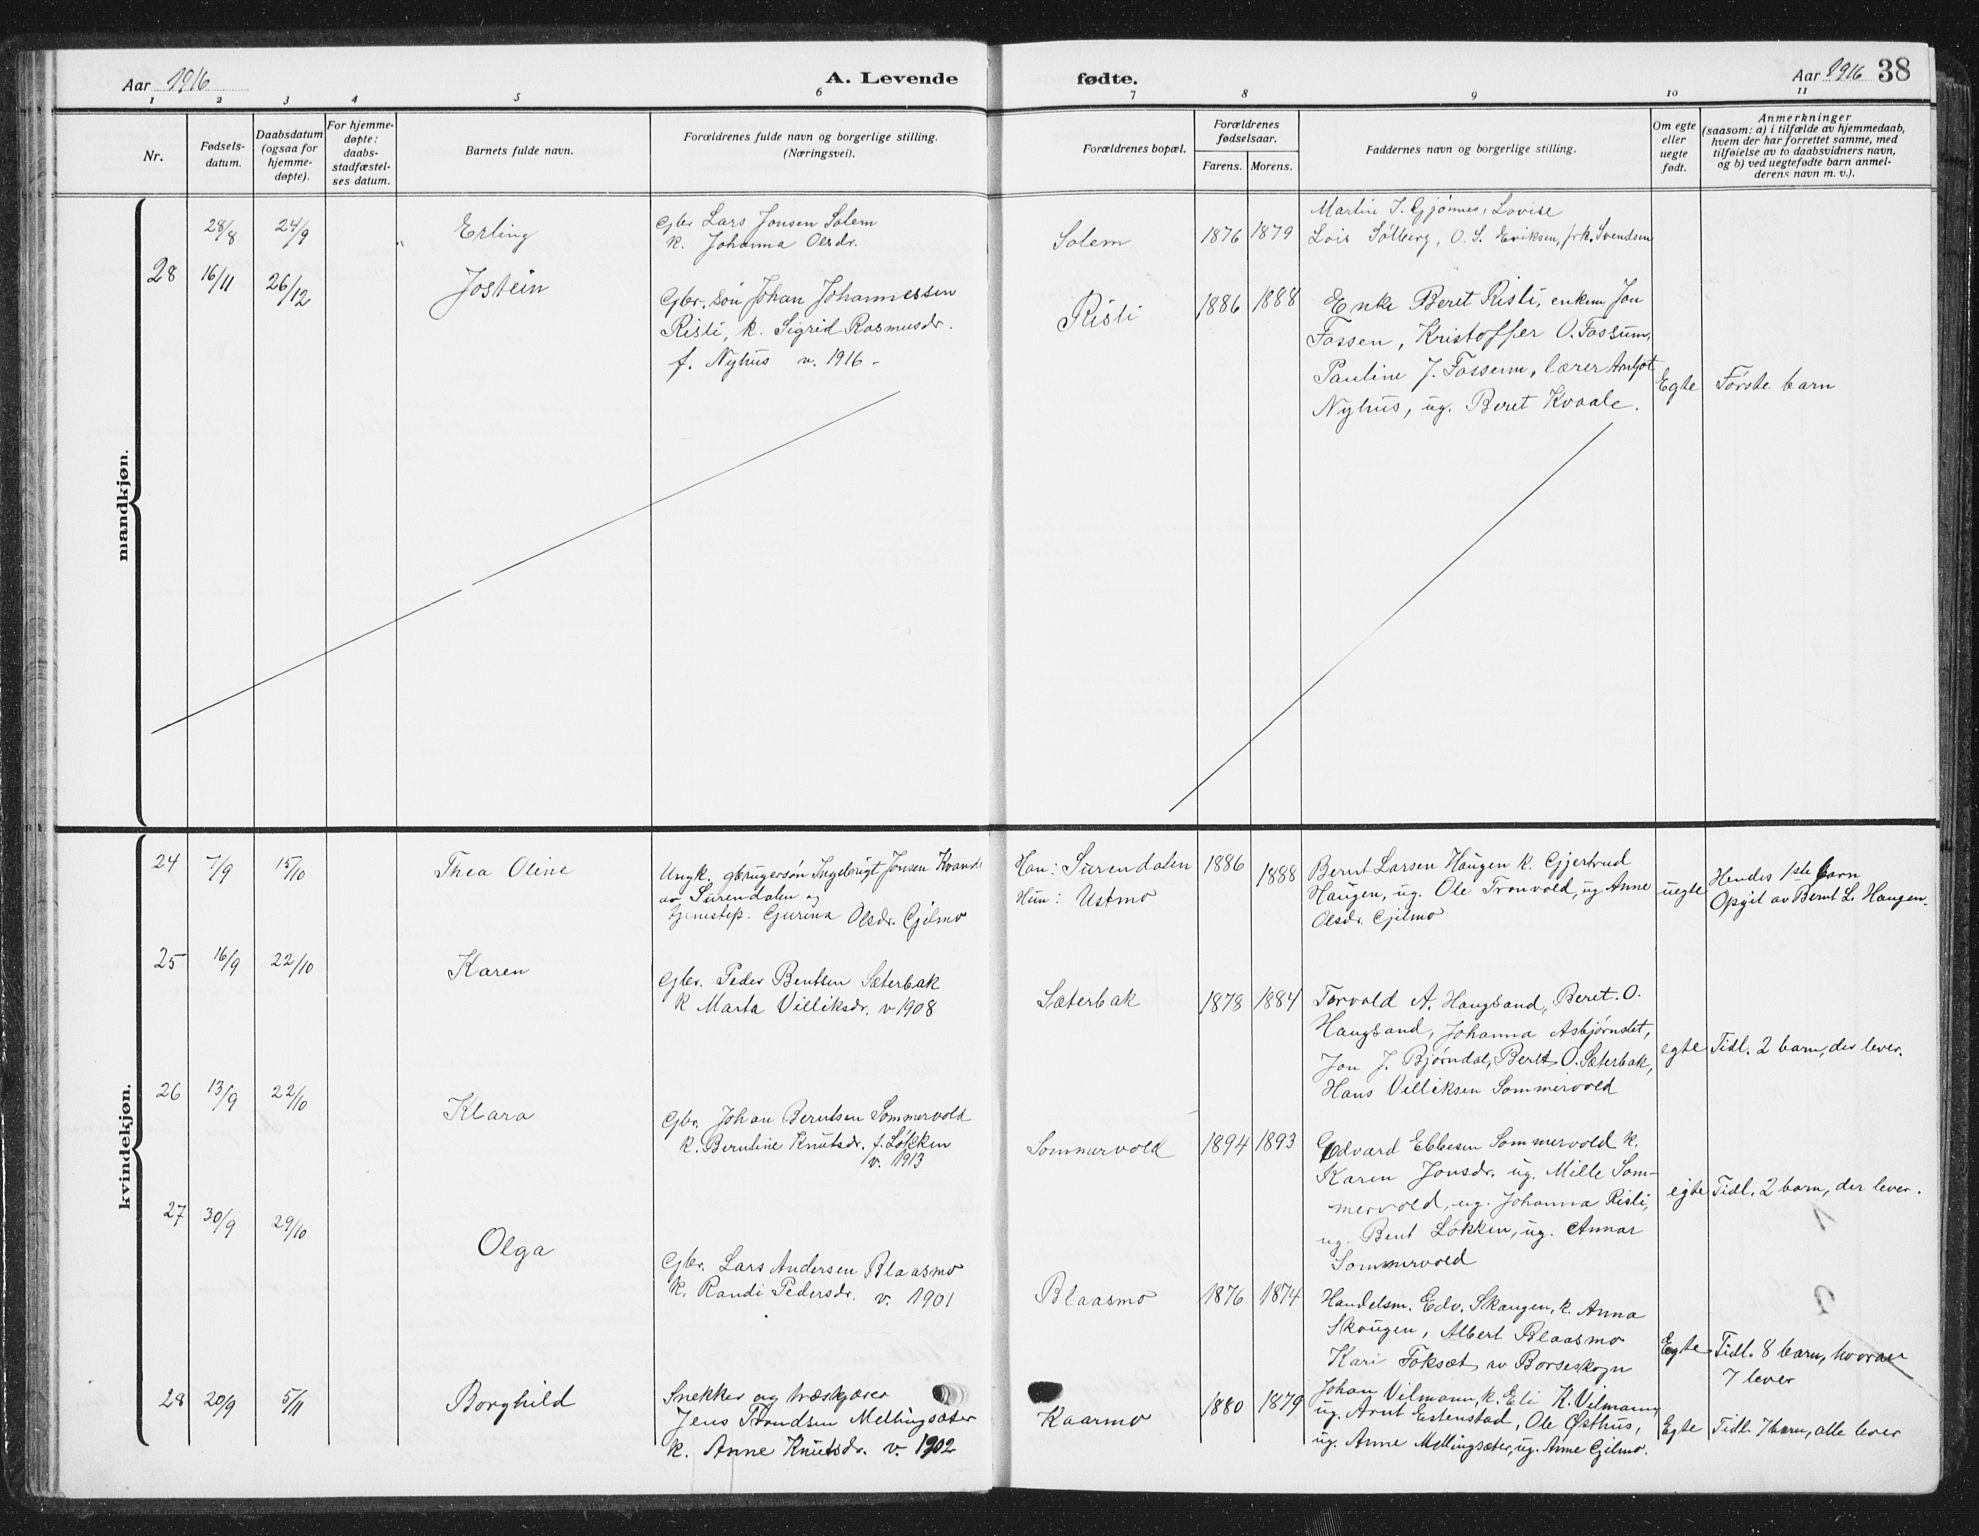 SAT, Ministerialprotokoller, klokkerbøker og fødselsregistre - Sør-Trøndelag, 668/L0820: Klokkerbok nr. 668C09, 1912-1936, s. 38